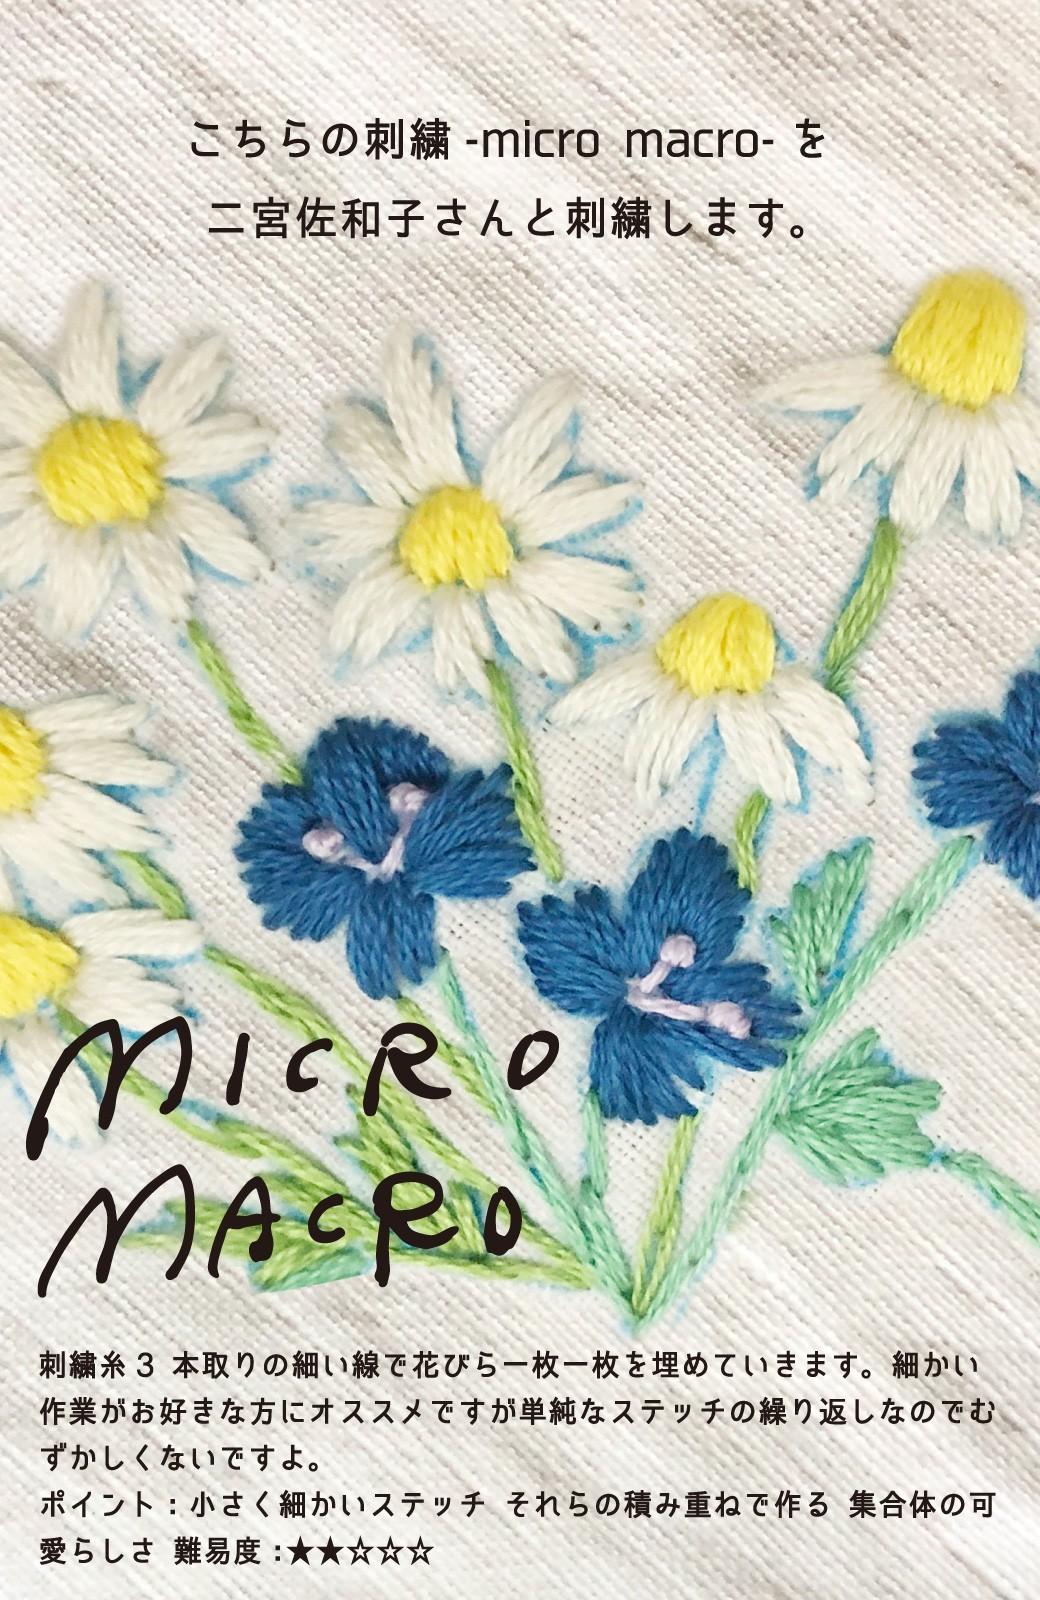 haco! haco! [haco! POST] 刺繍アーティスト二宮佐和子さんとみんなでワイワイ刺繍!zoom縫いワークショップ参加チケット 6/21・6/24開催<micro macro> <その他>の商品写真2